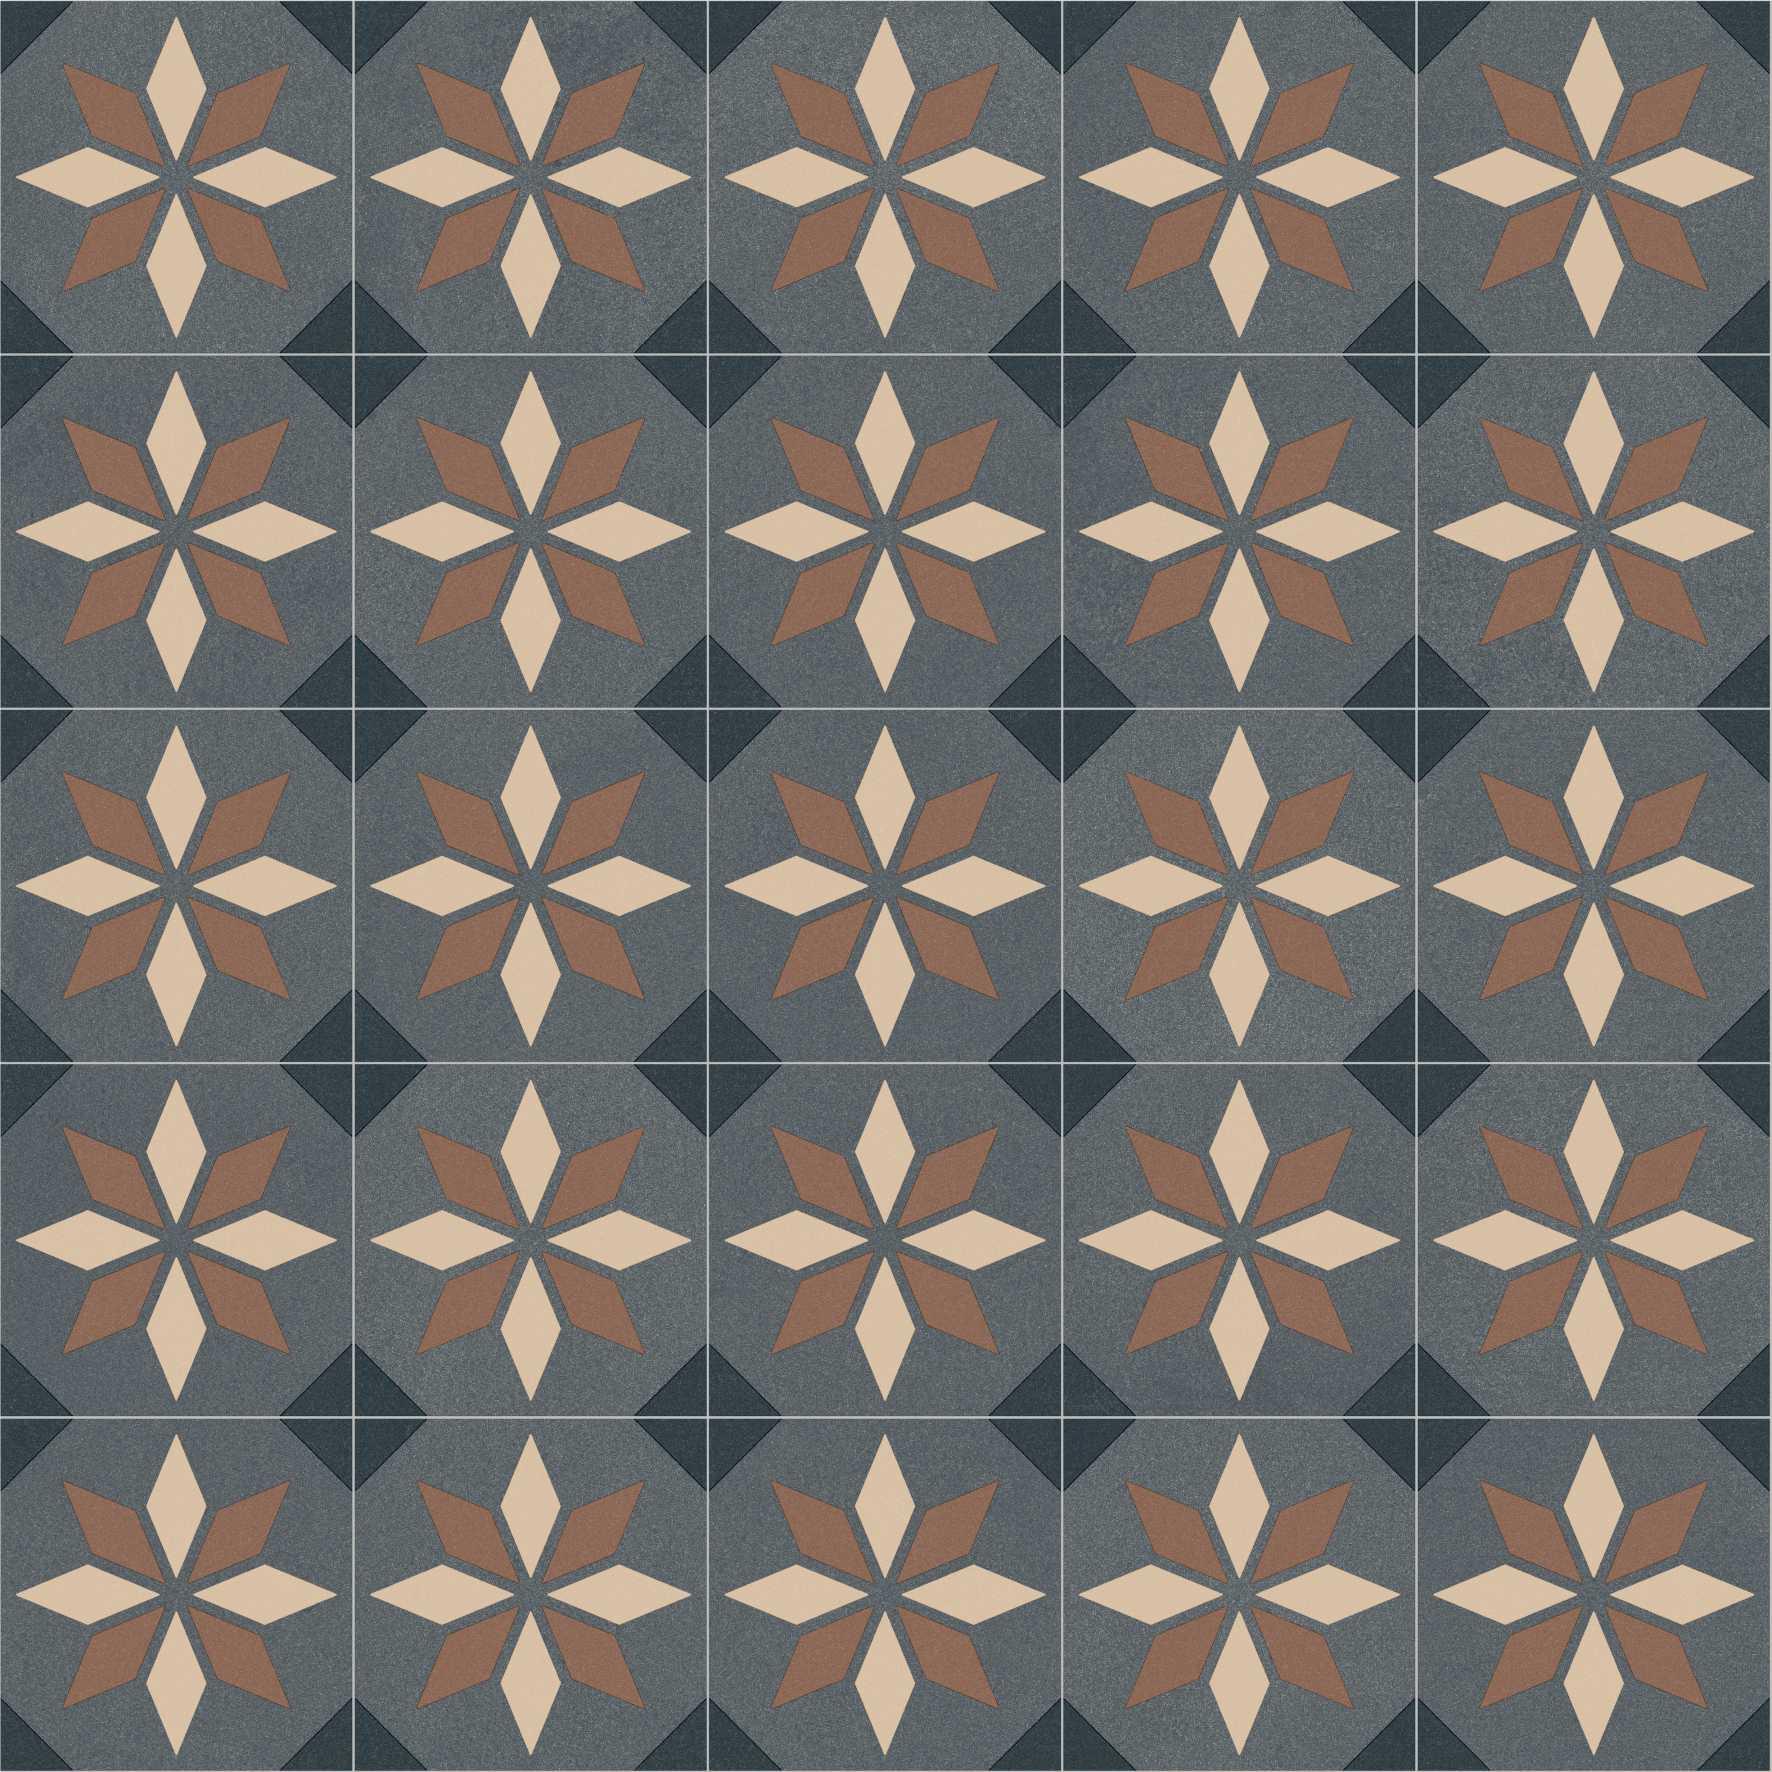 PASSATOIA VINILE BOHO CHIC DECORO SCOTTSDALE 691M H.50 cm X 100 cm